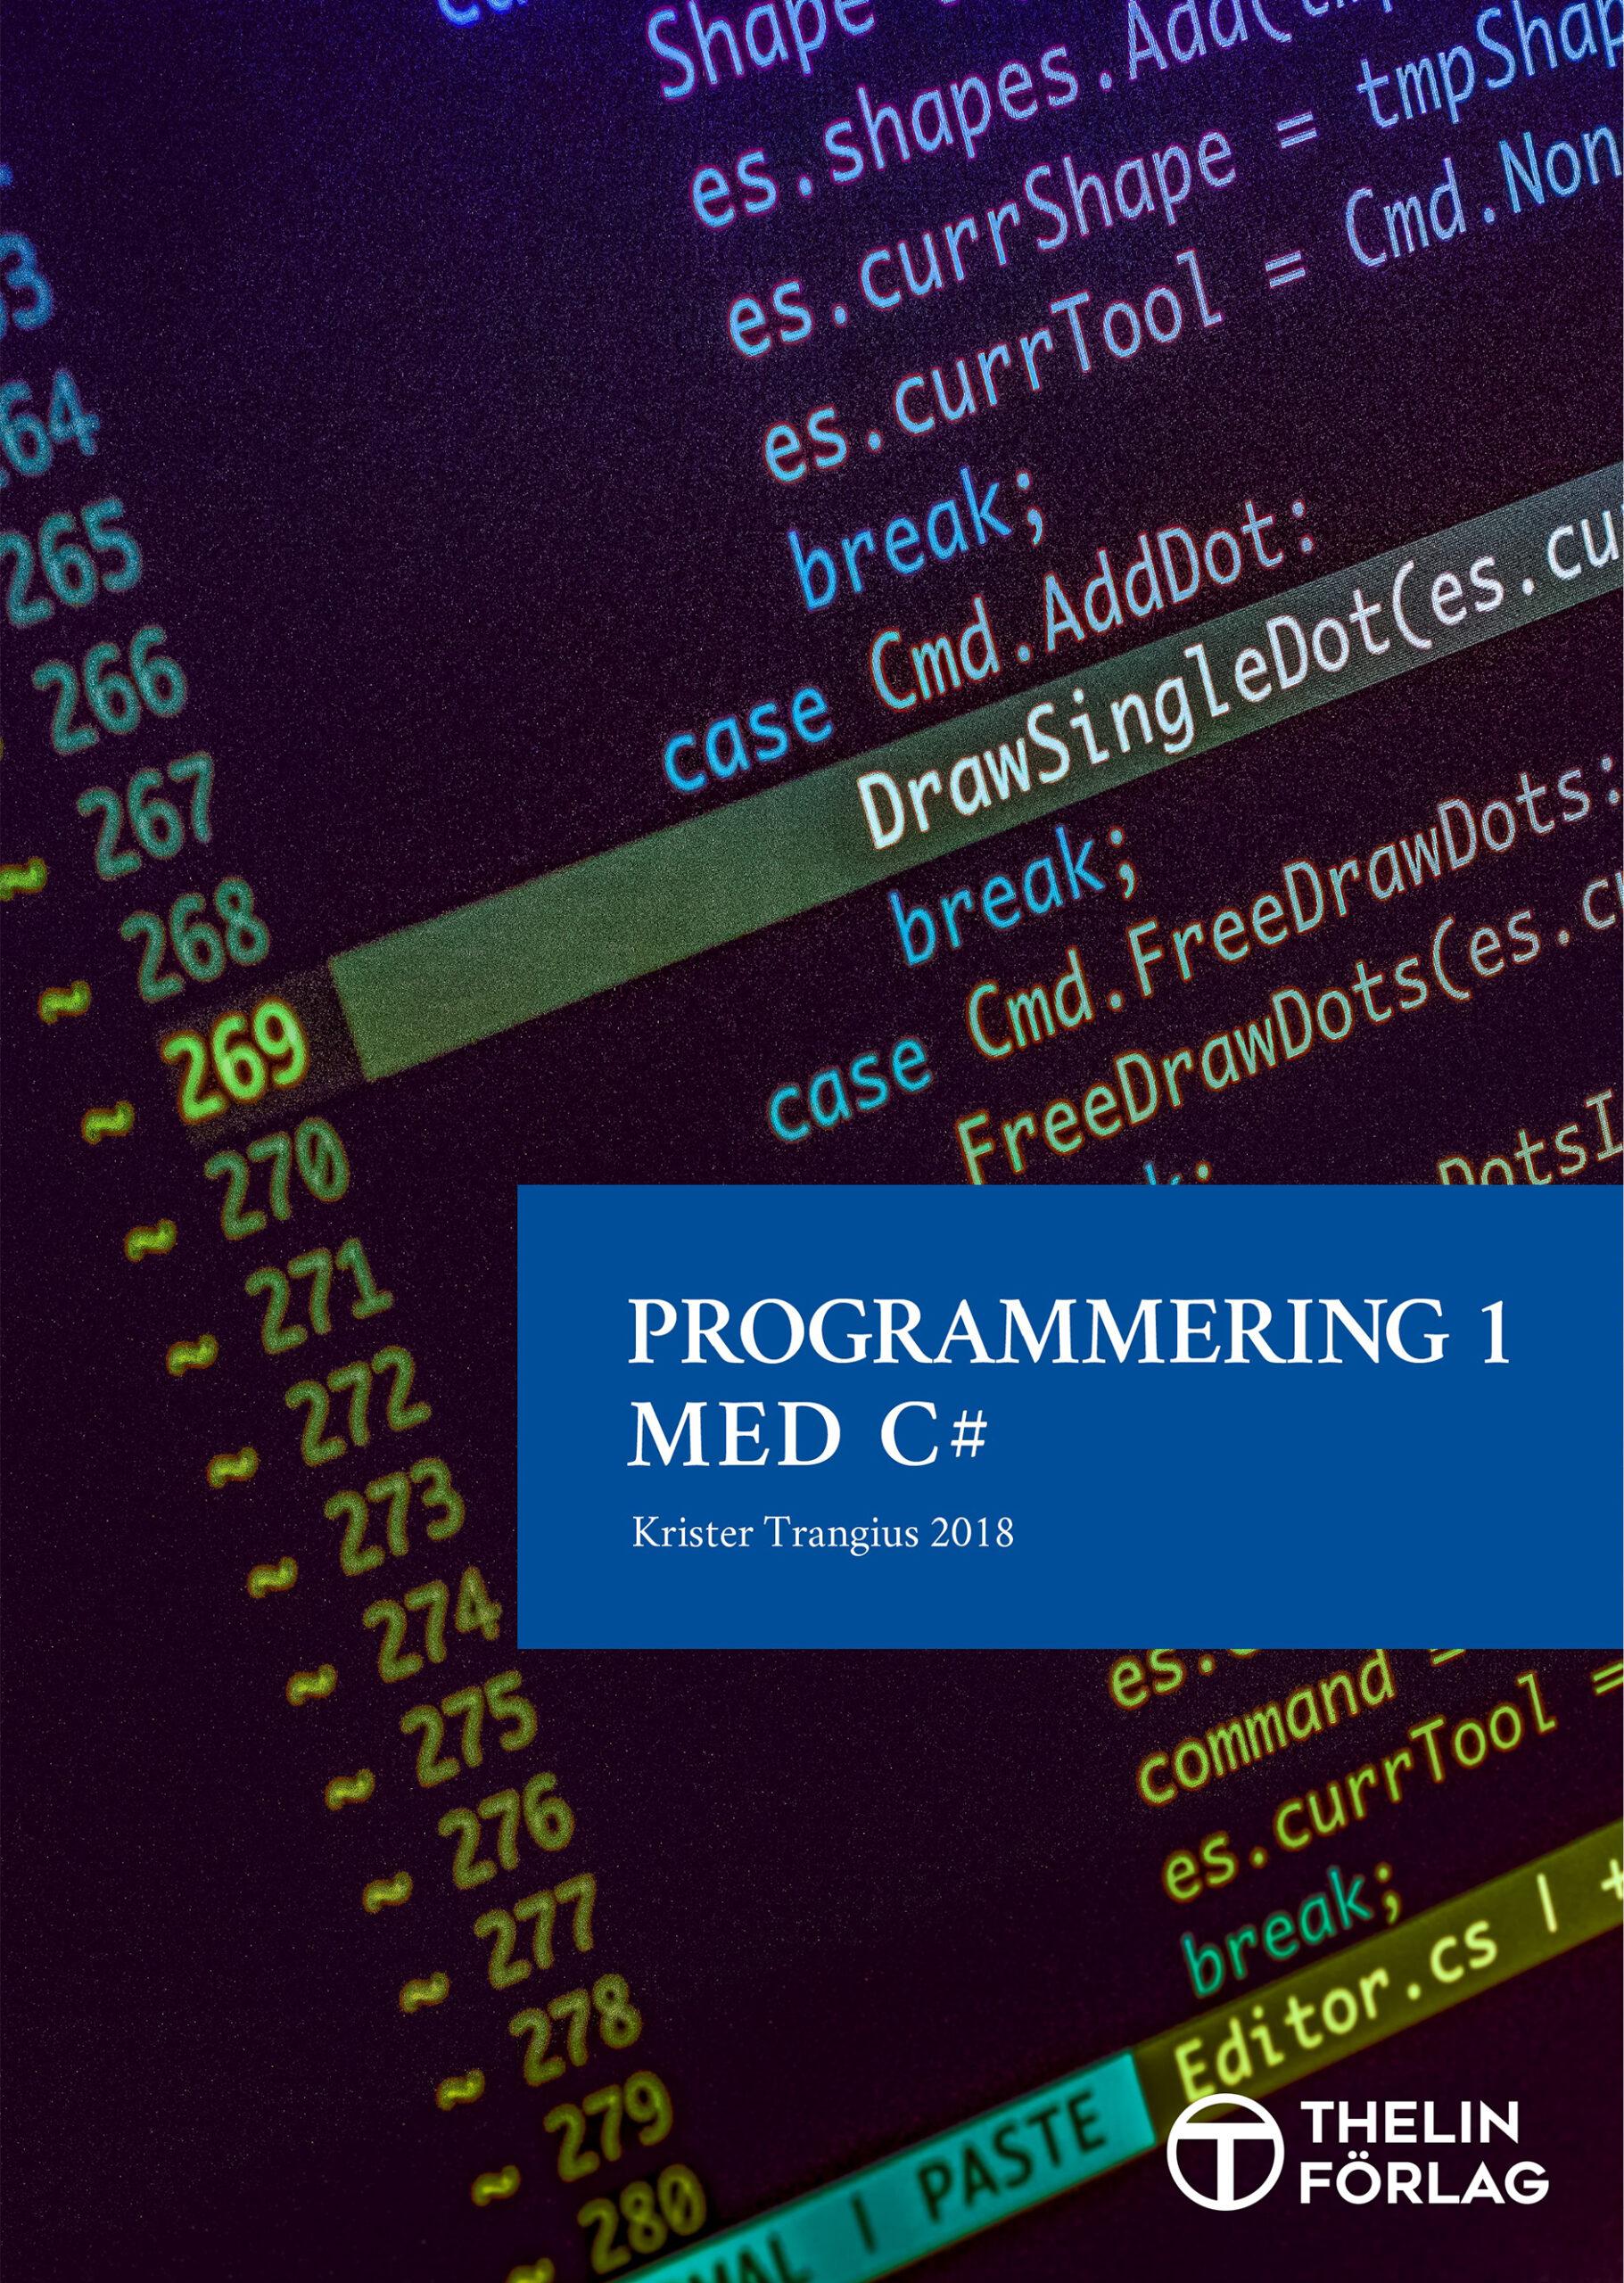 Programmering 1 med C# V2018